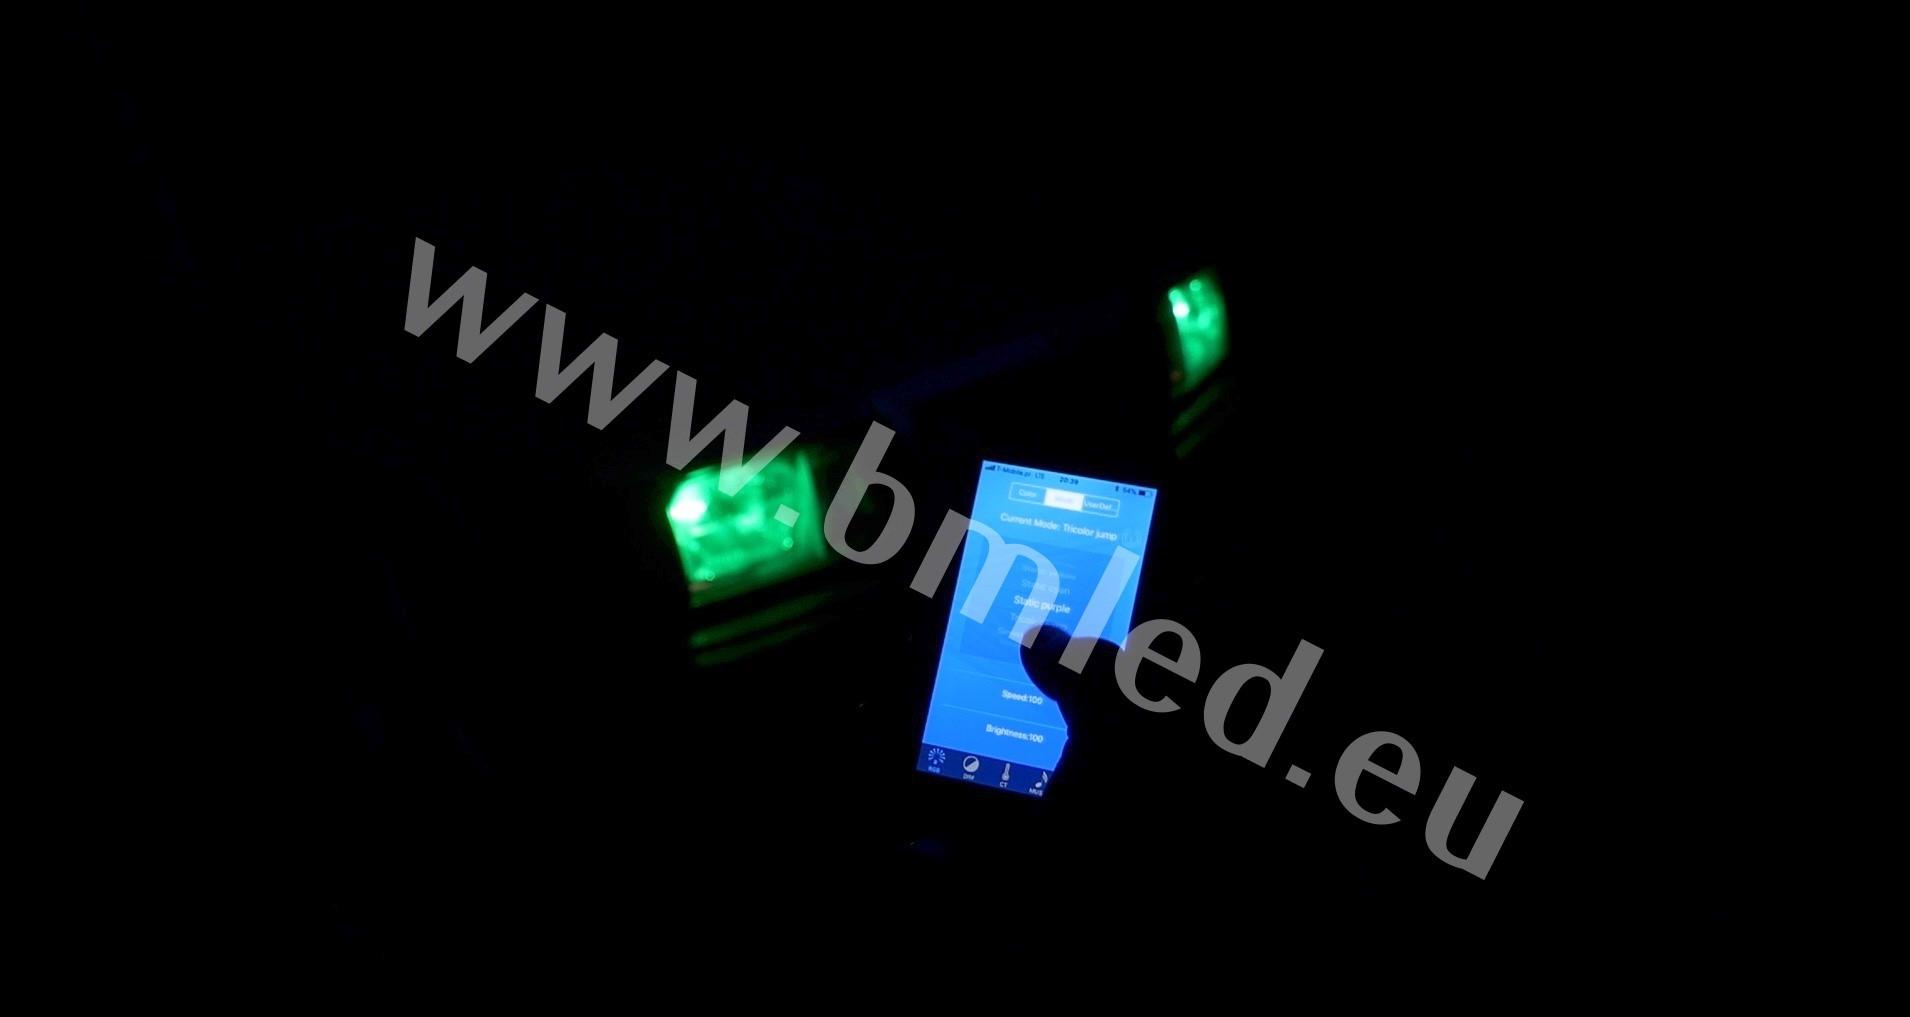 H4 Светодиодные лампы WIFI, авто светодиоды